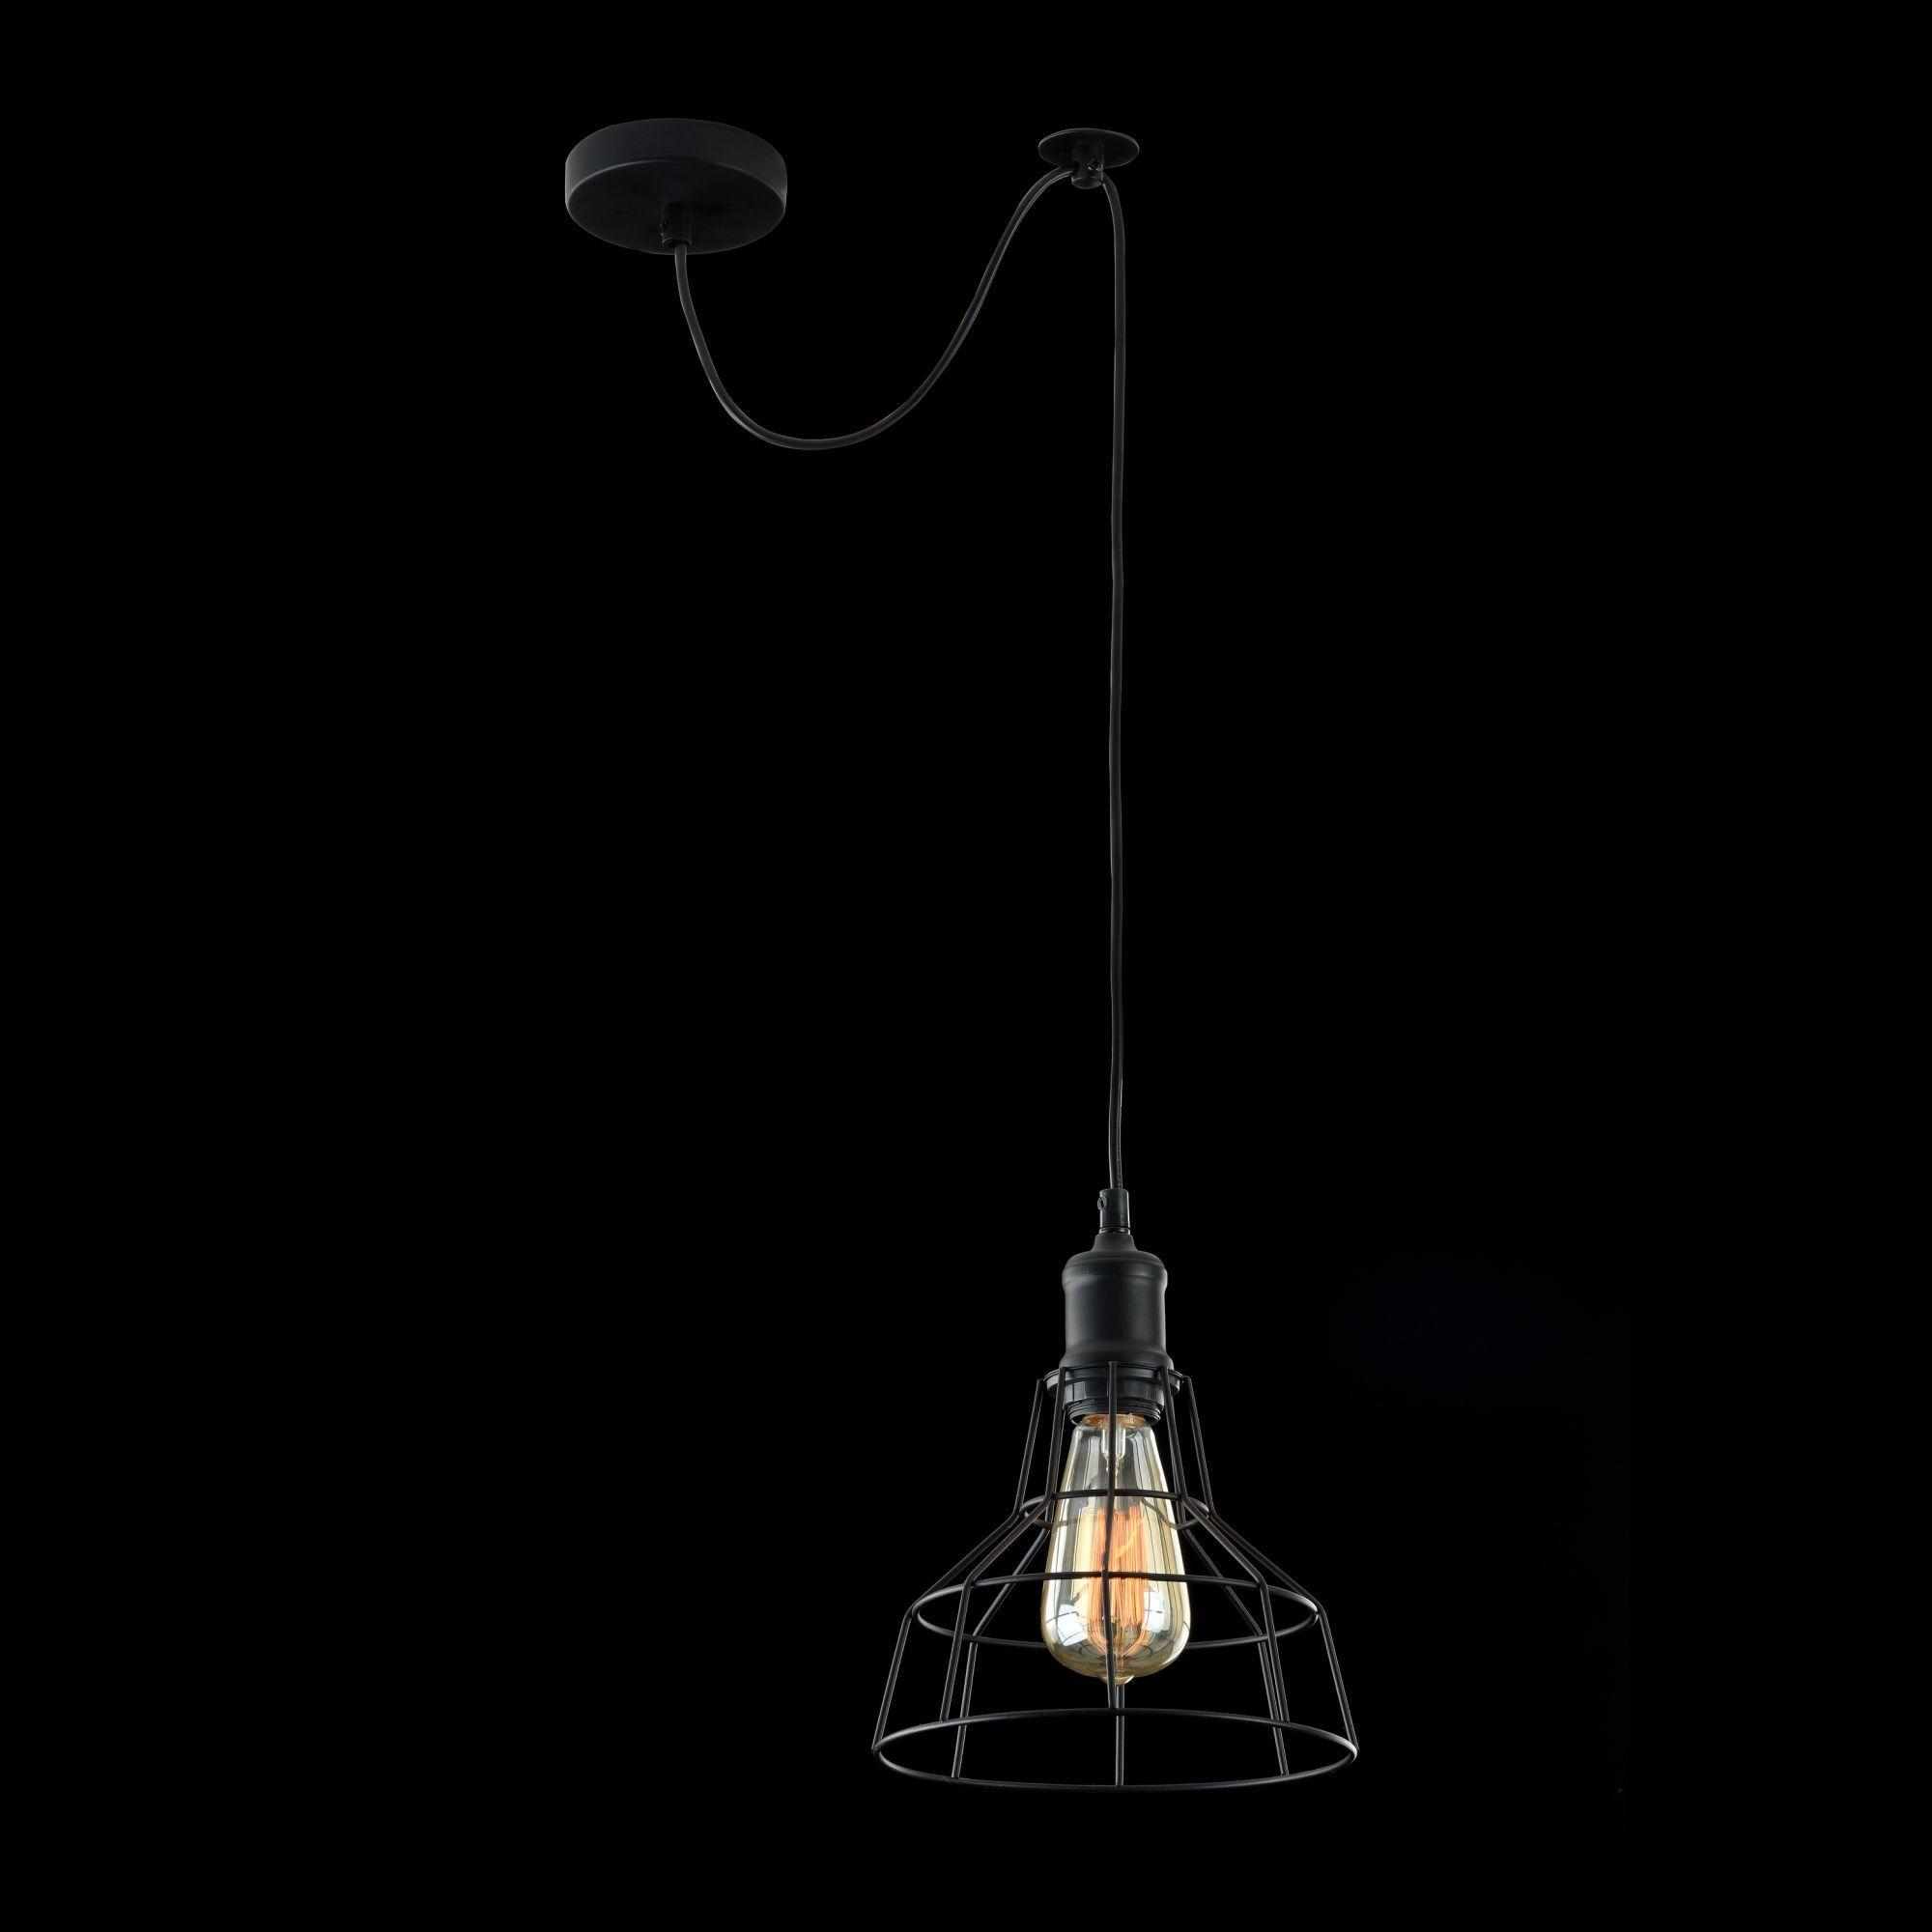 Подвесной светильник Maytoni Loft Denver T448-PL-01-B, 1xE27x60W, черный, металл - фото 4